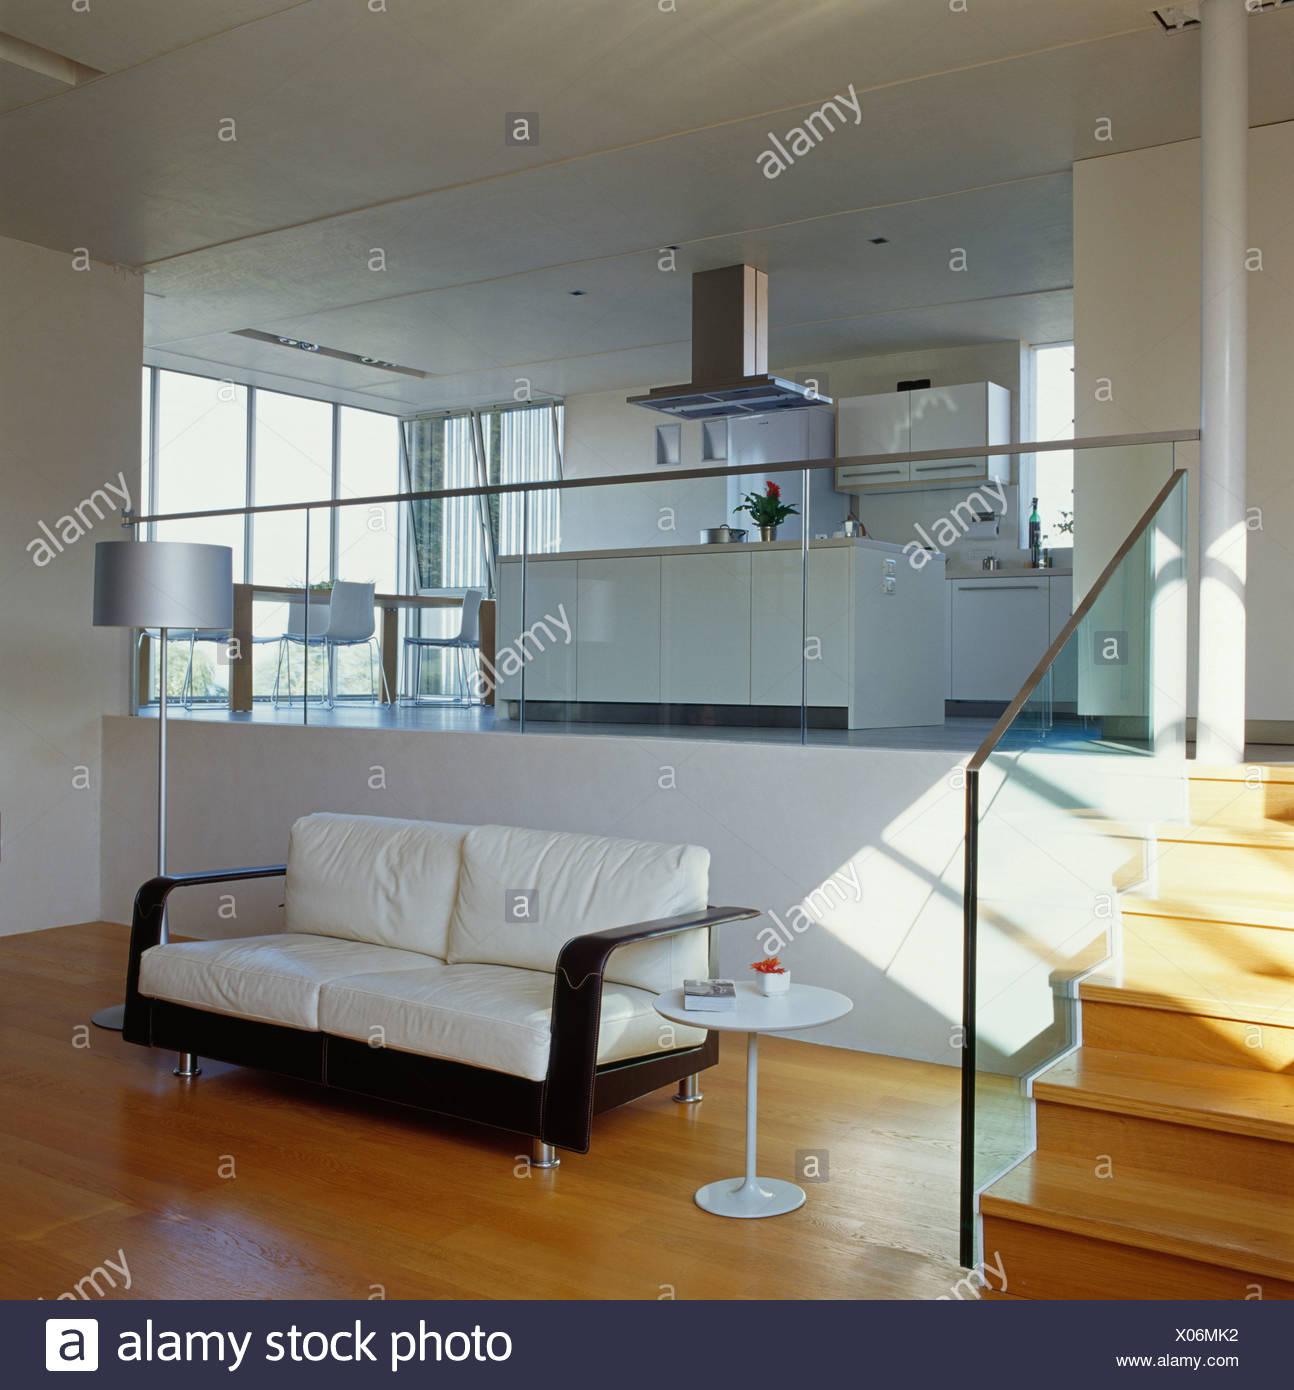 kitchen mezzanine stockfotos kitchen mezzanine bilder. Black Bedroom Furniture Sets. Home Design Ideas